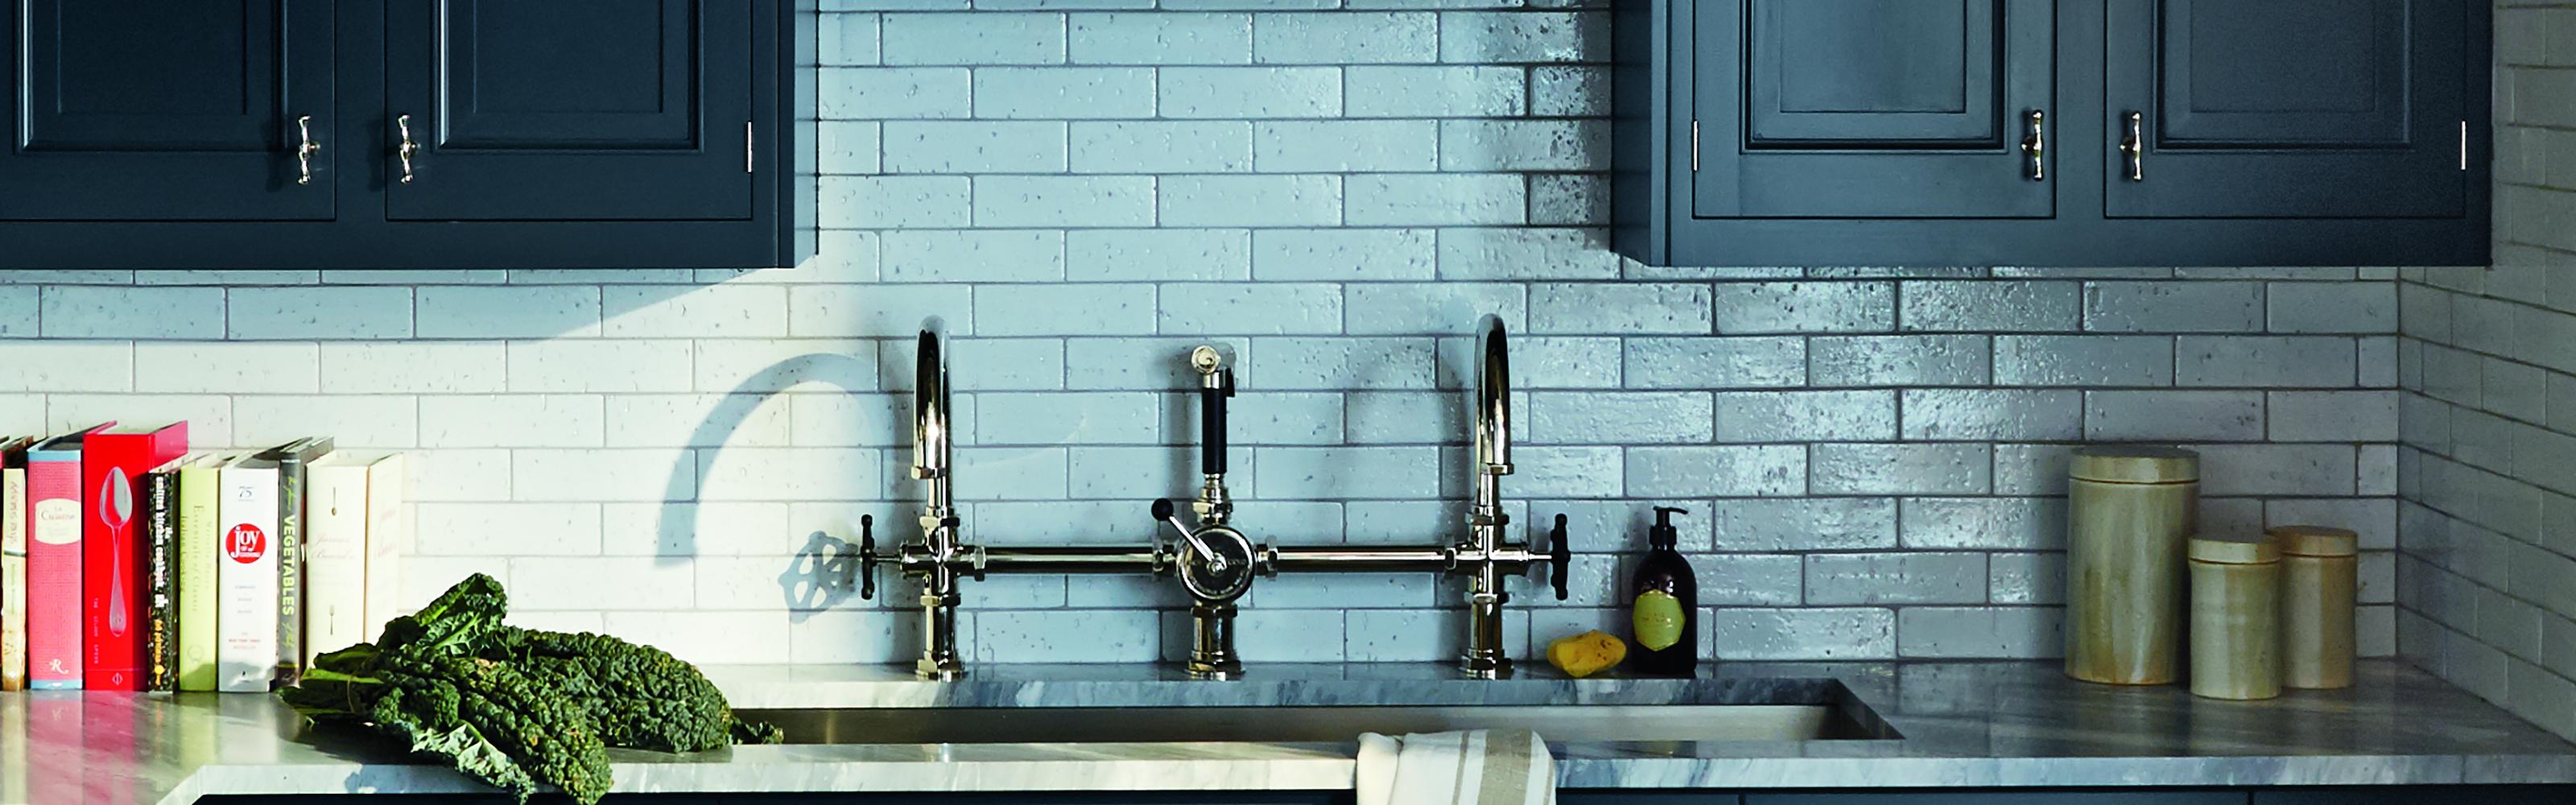 New Waterworks Kitchen Banner Image